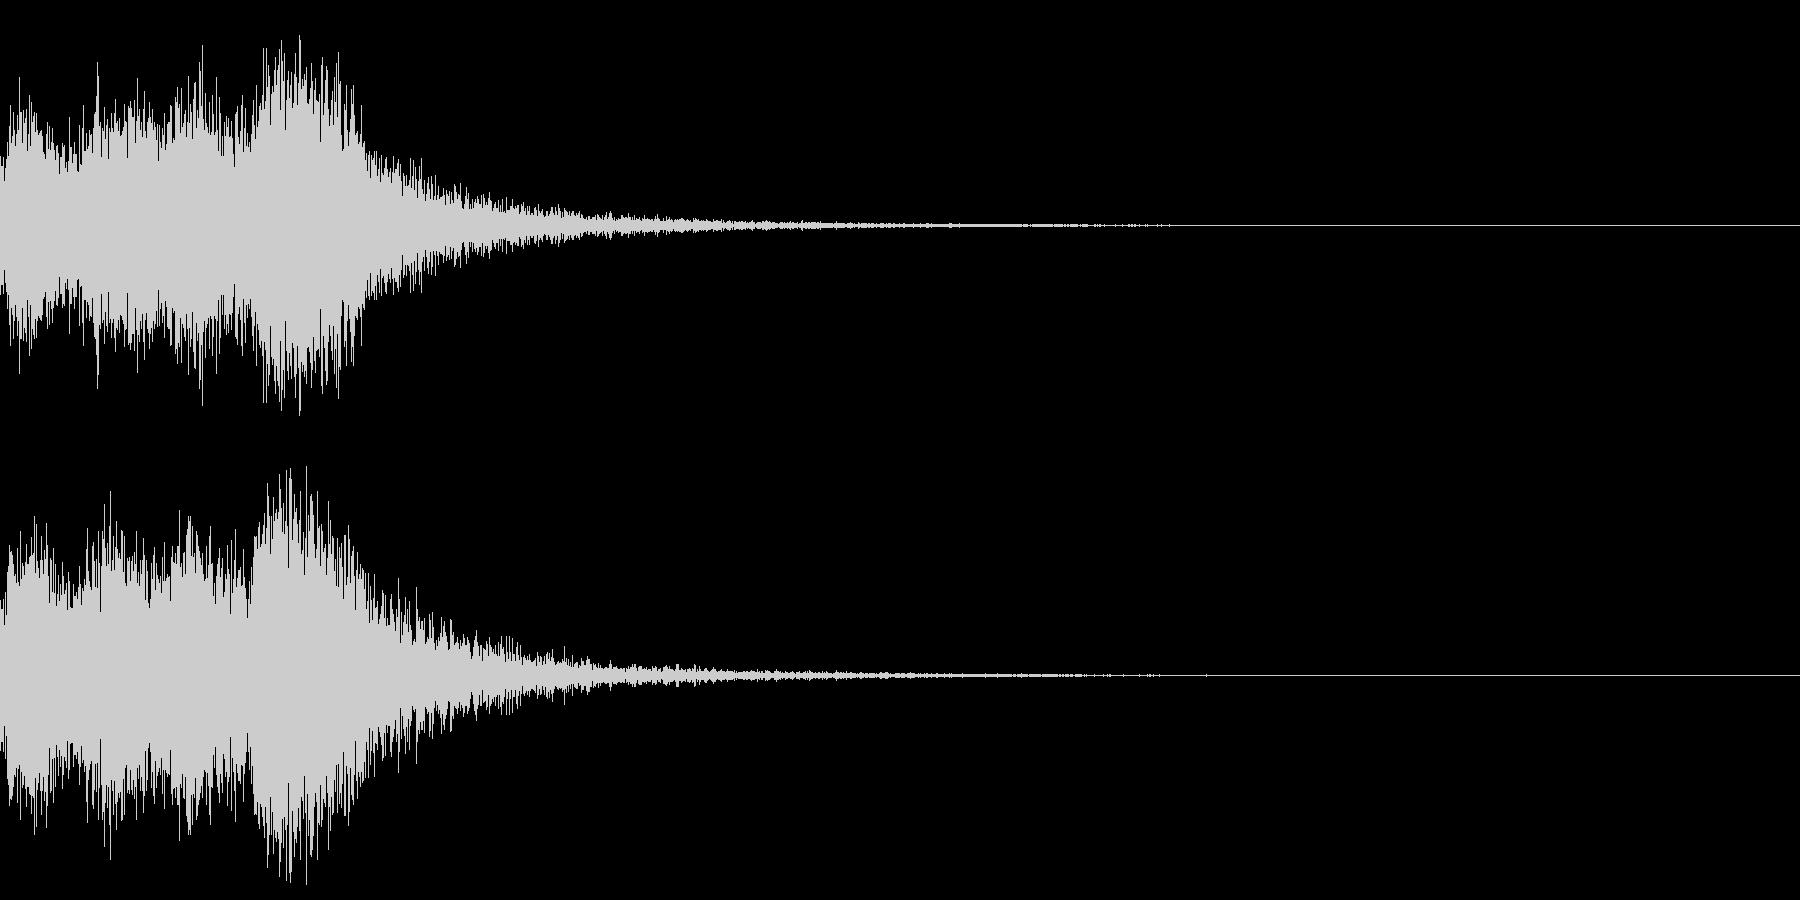 オーケストラヒット ジングル! 03の未再生の波形